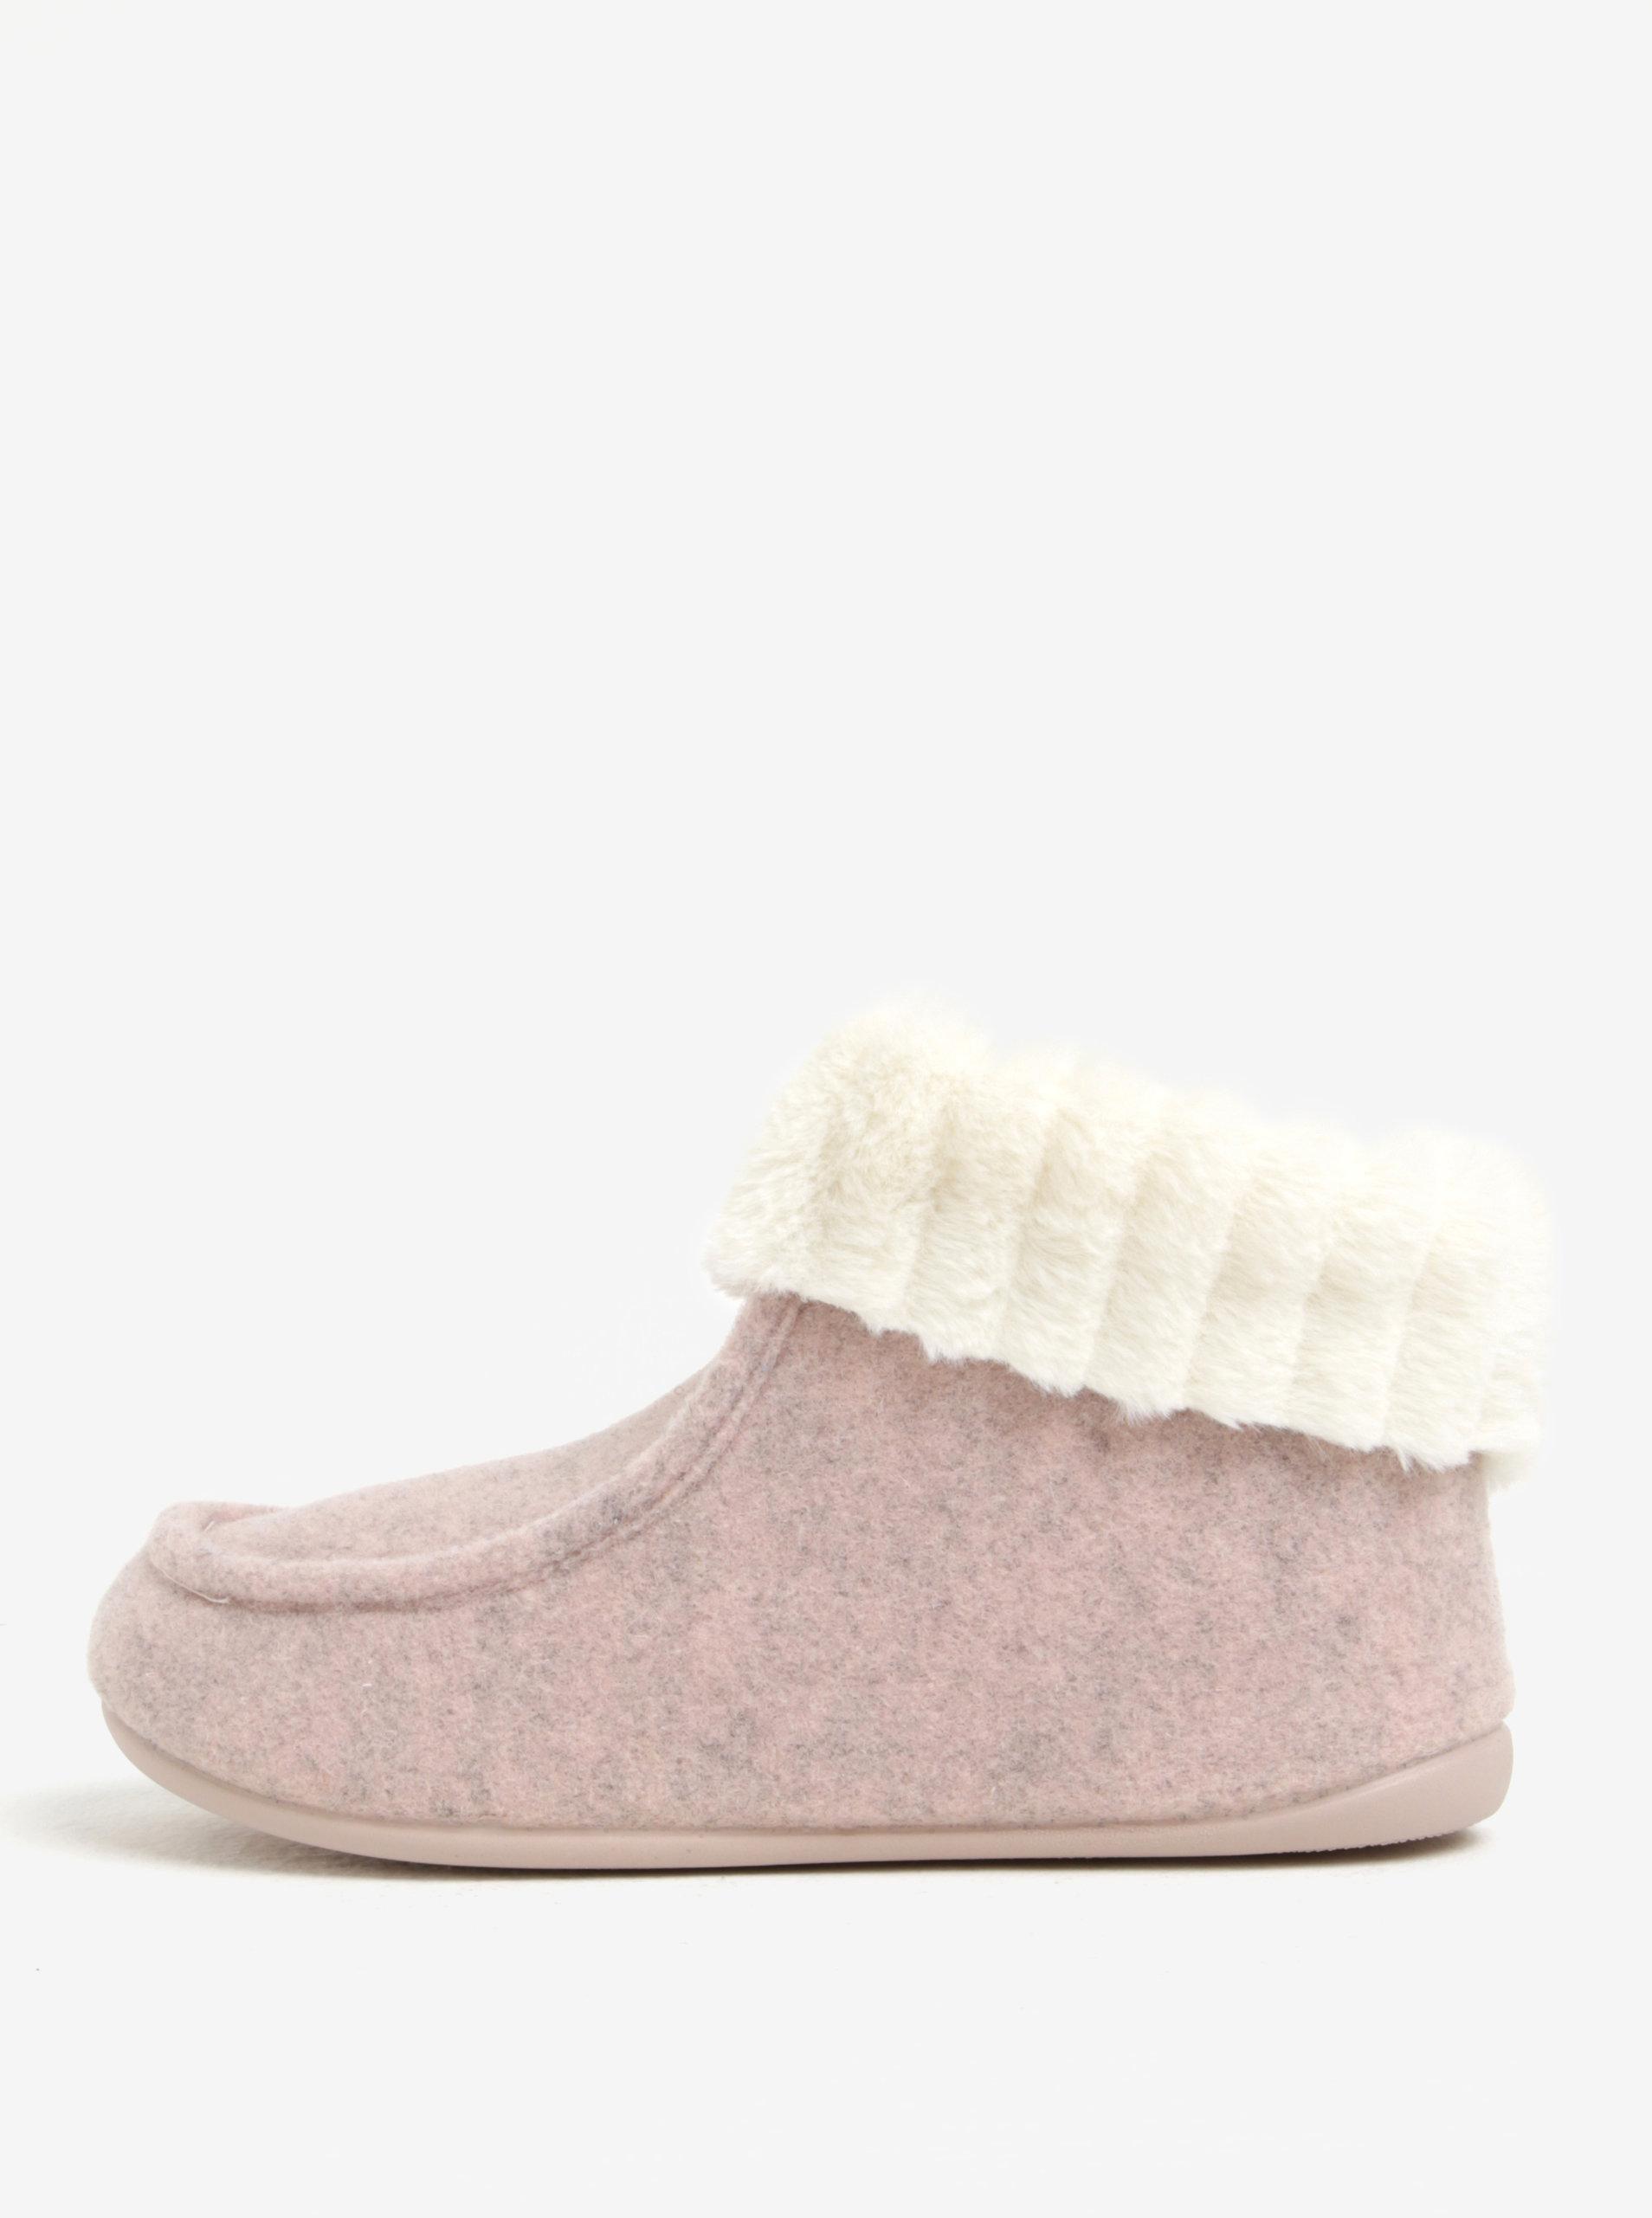 Růžové dámské papuče s umělou kožešinou OJJU